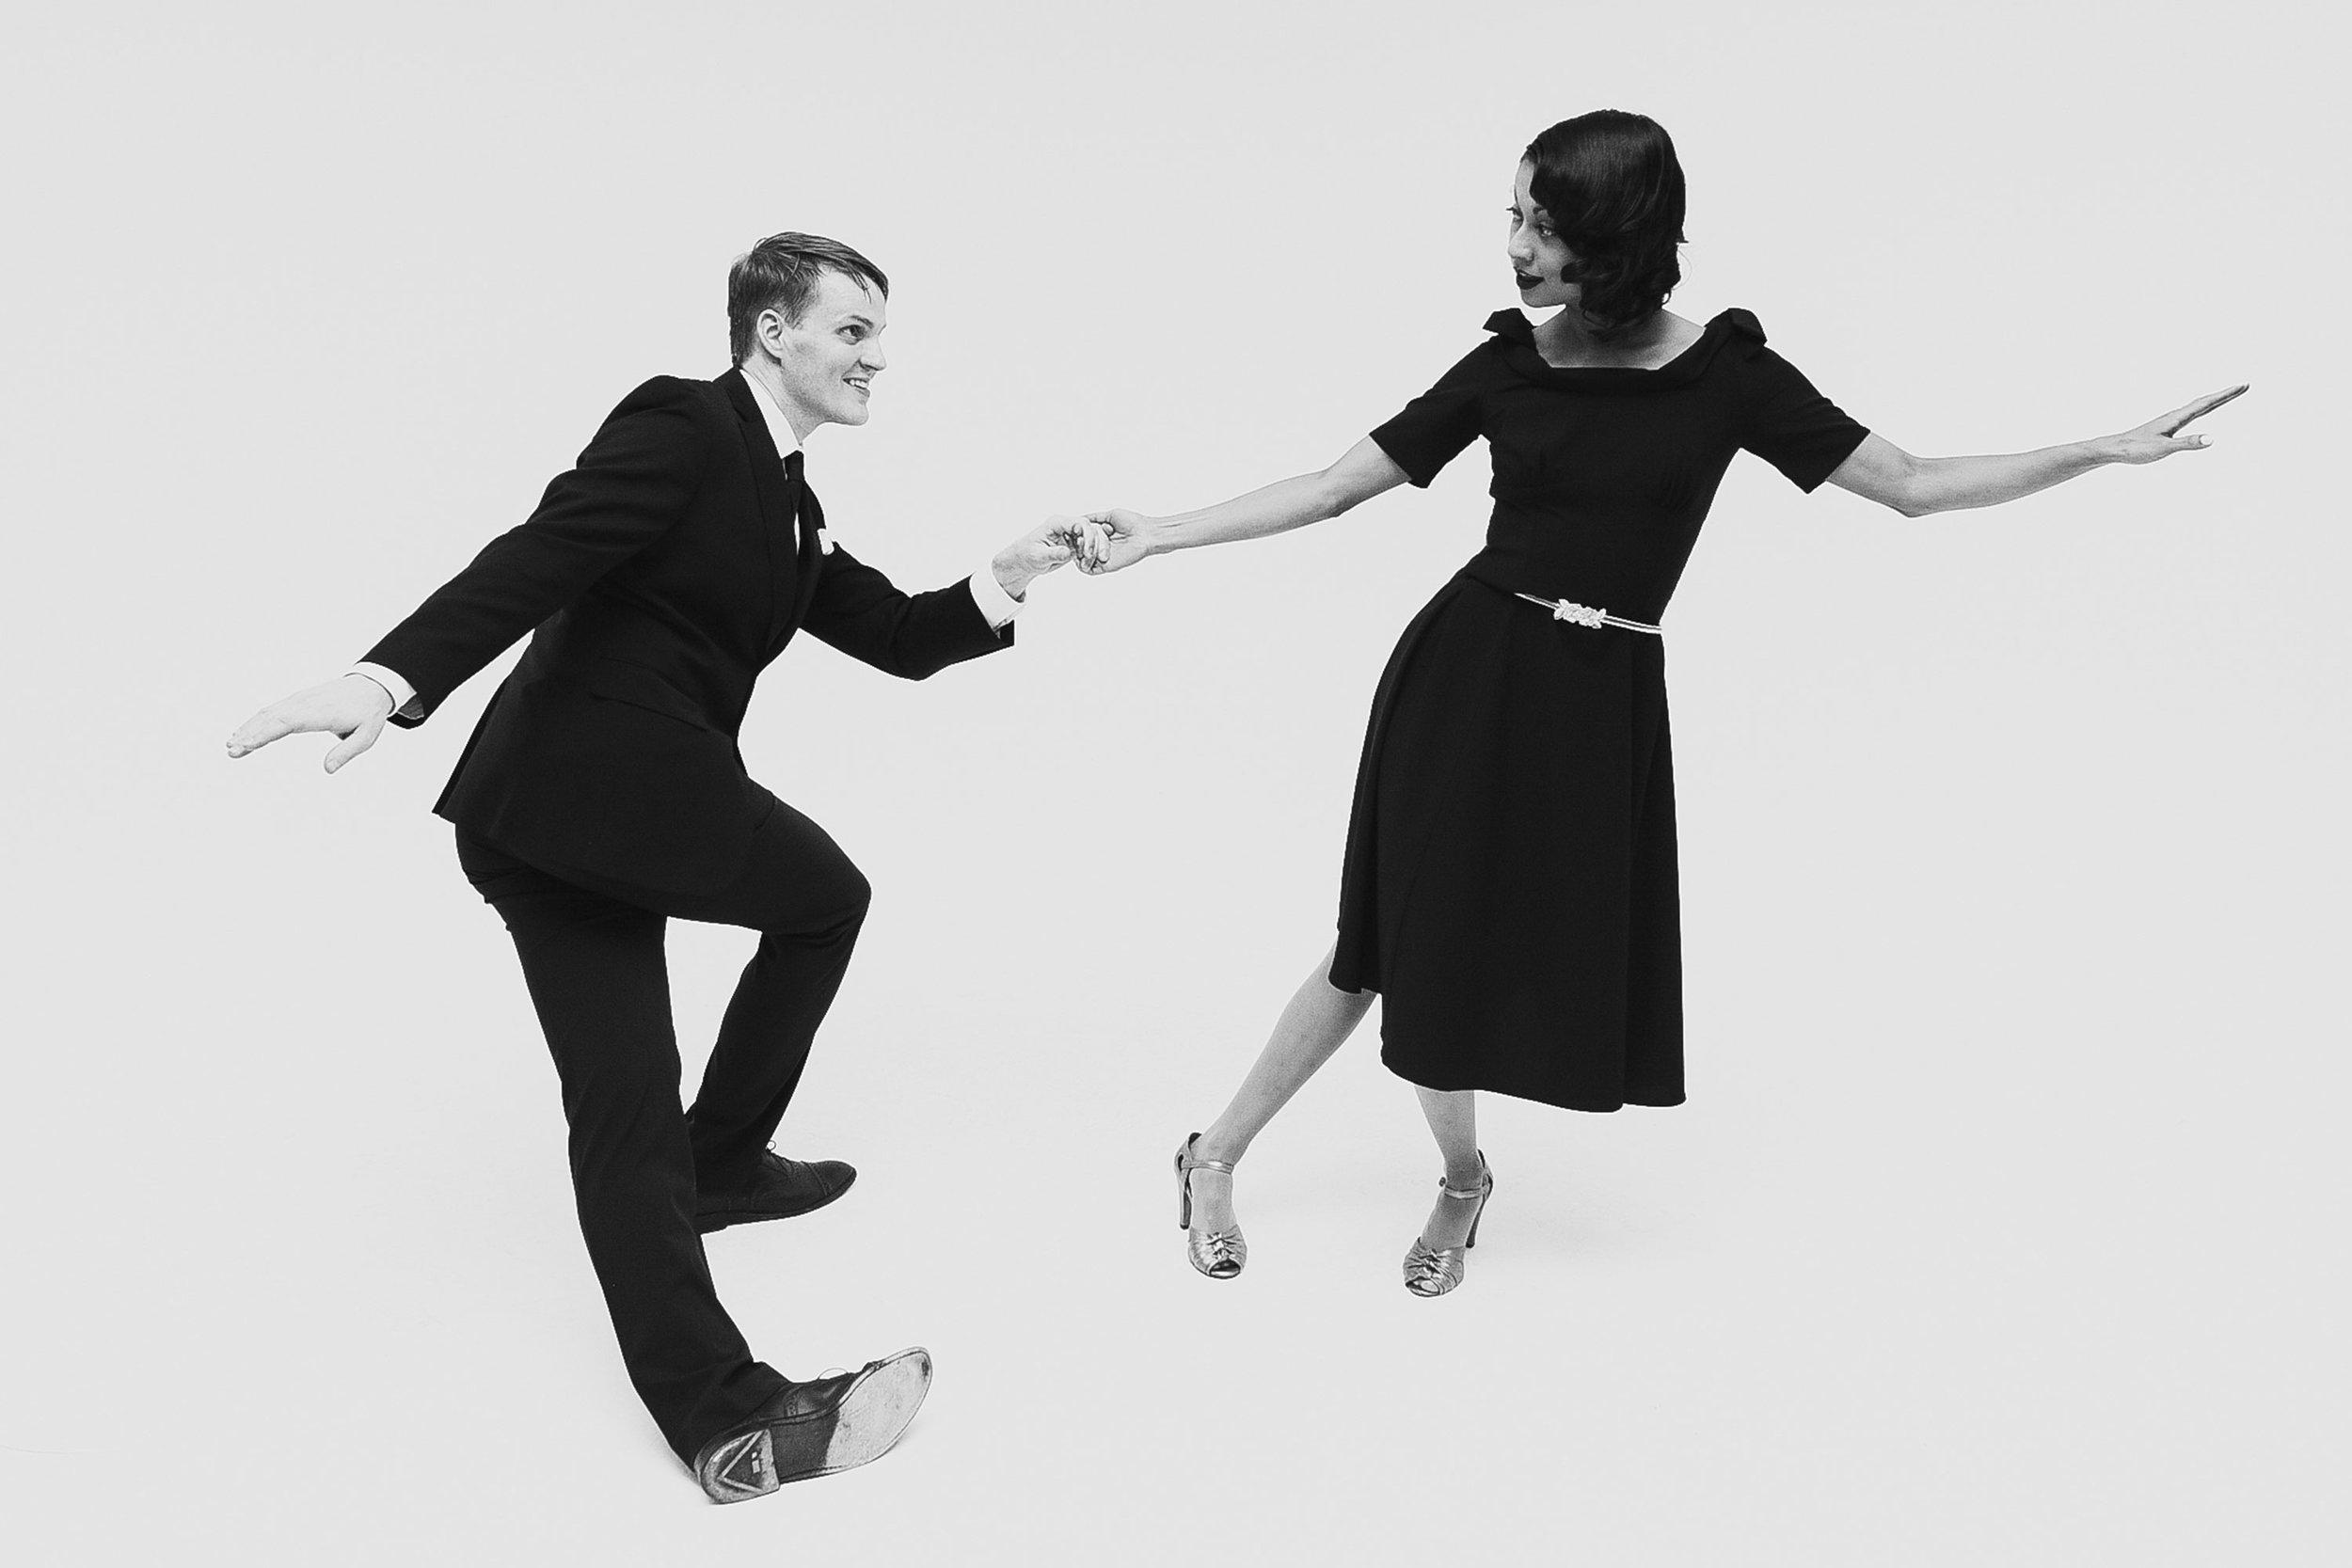 shag_dance.jpg